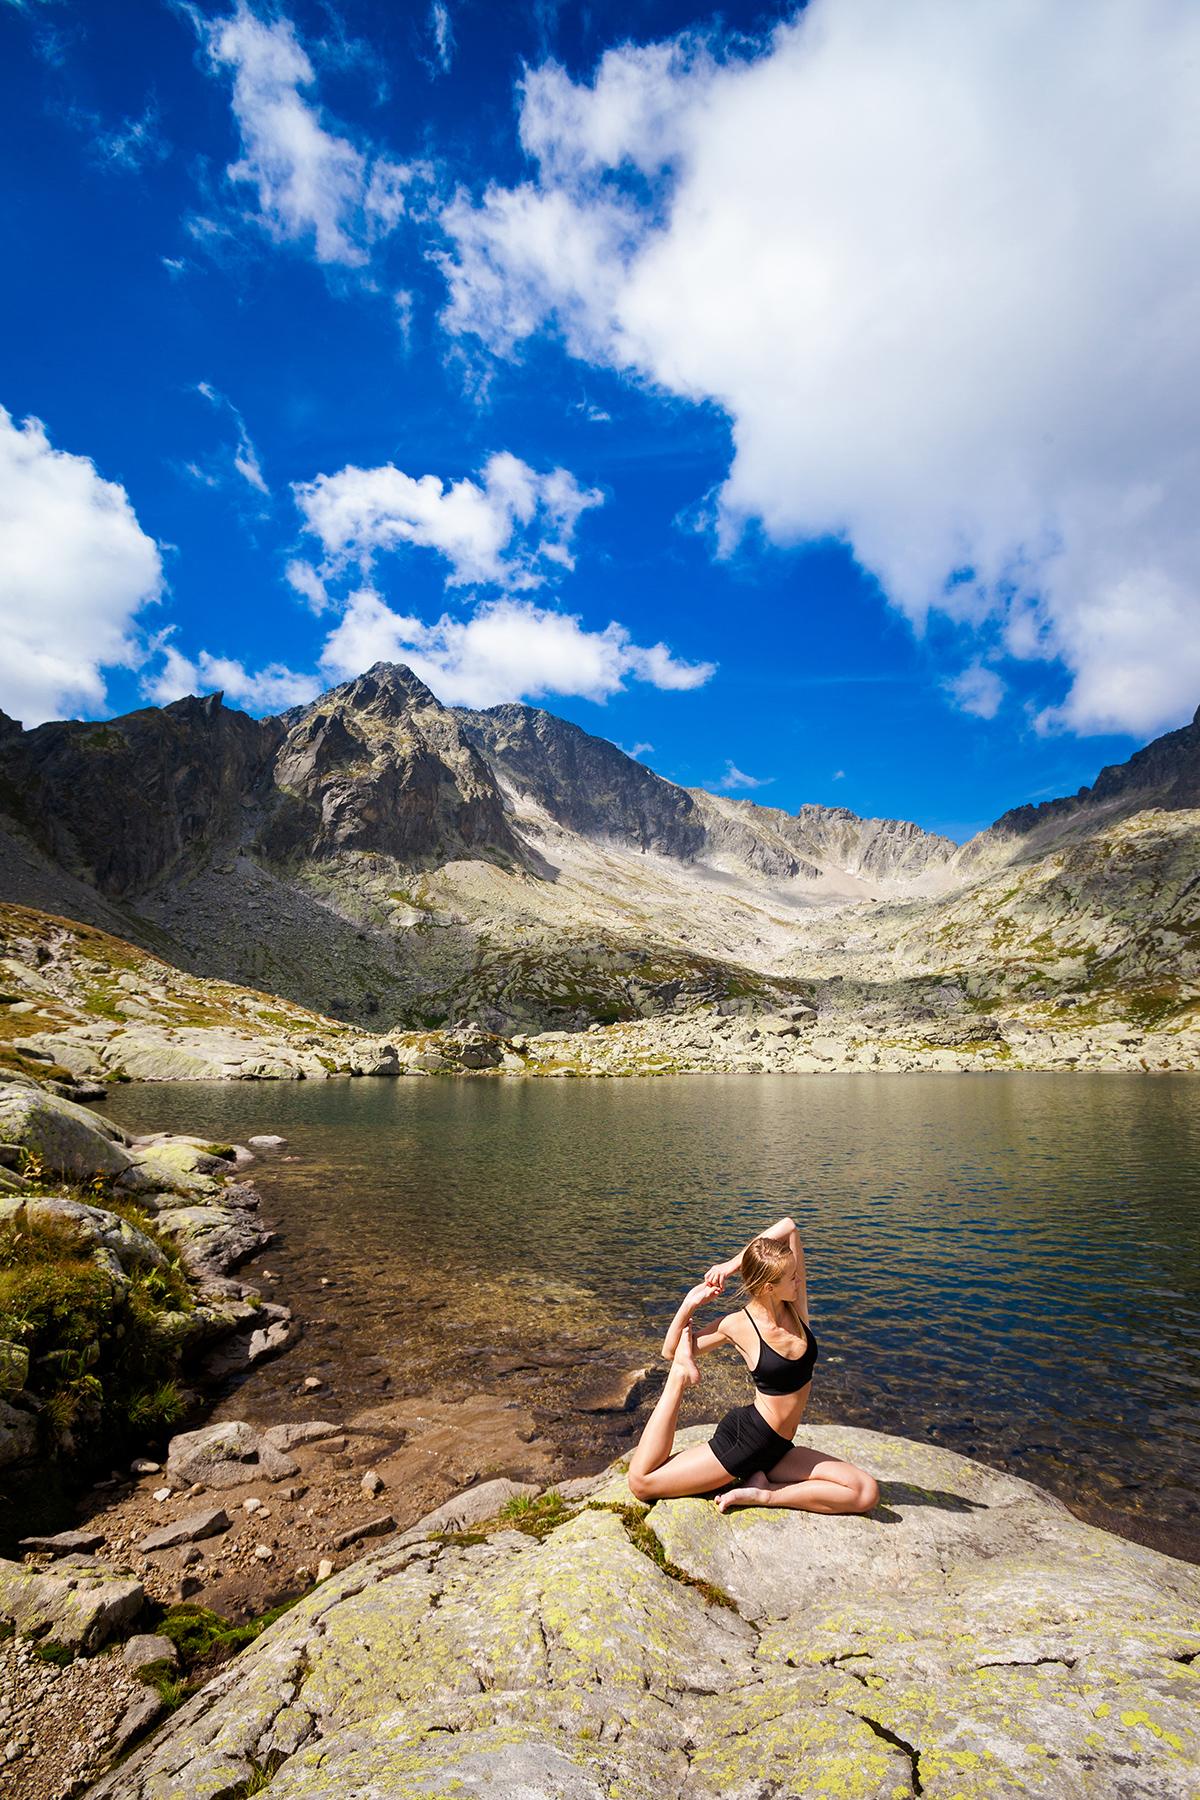 fotografia reklamowa slask zdjecia jogi 2 Sesja jogi w Tatrach